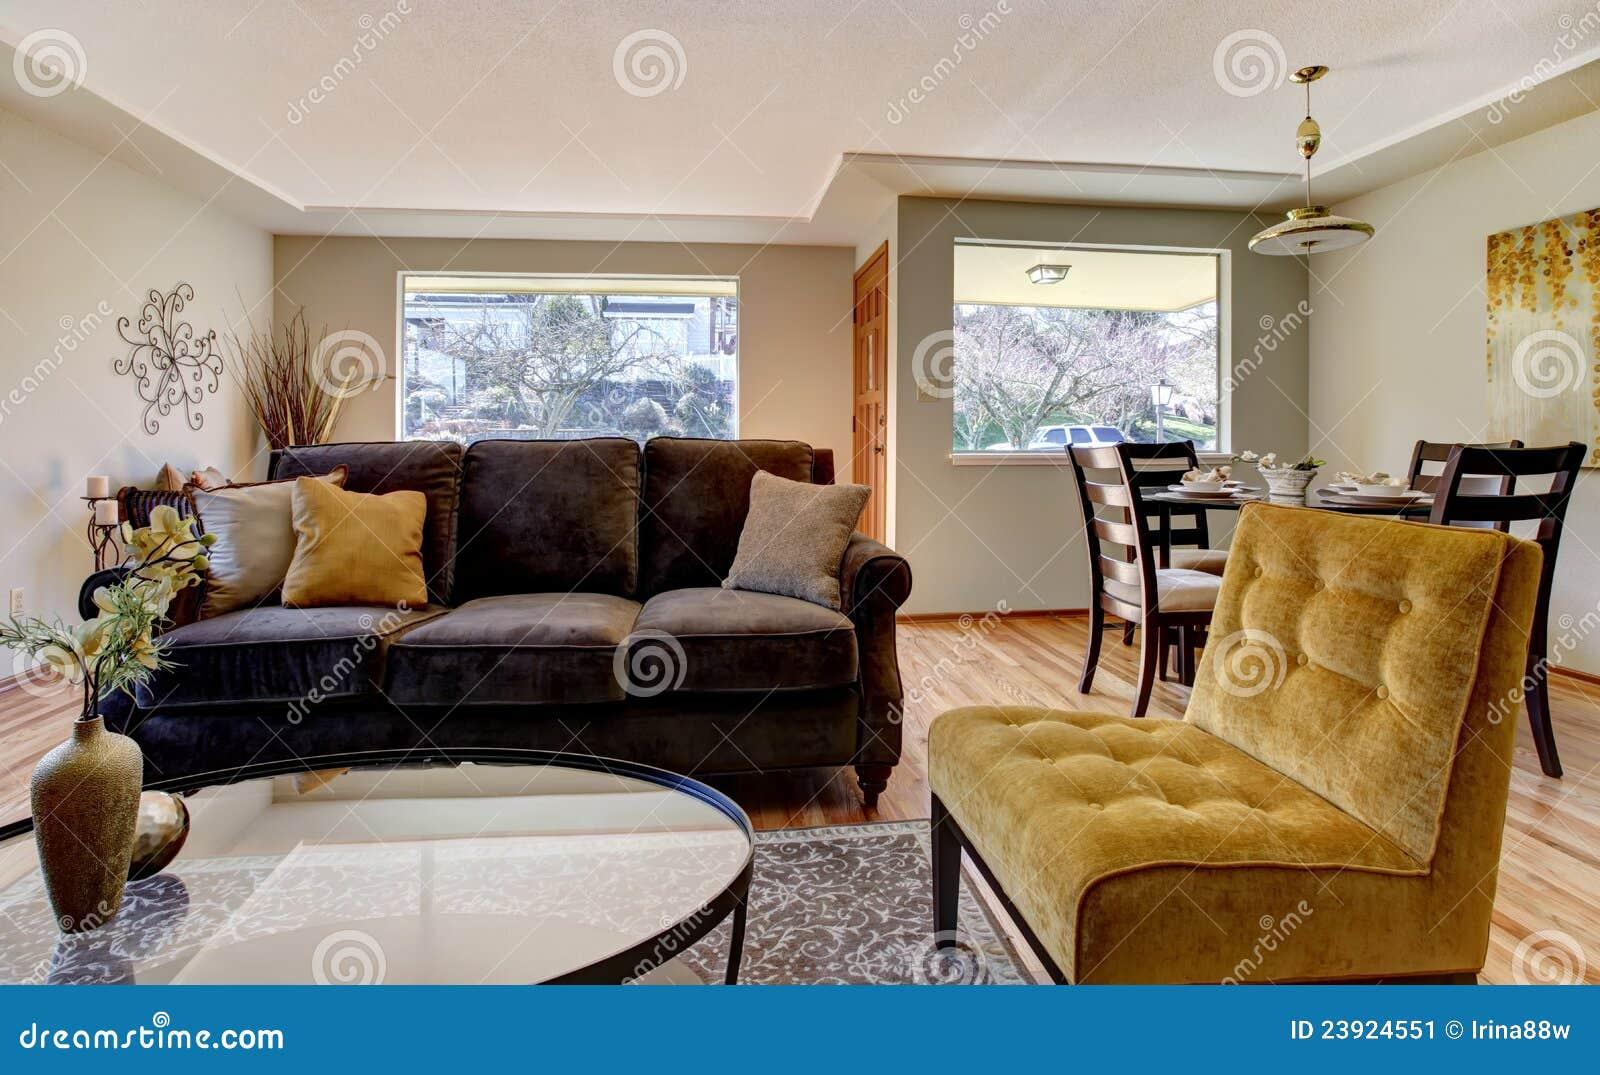 Wohnzimmer Mit Braunem Sofa Und Gelbem Stuhl. Stockbild - Bild ...